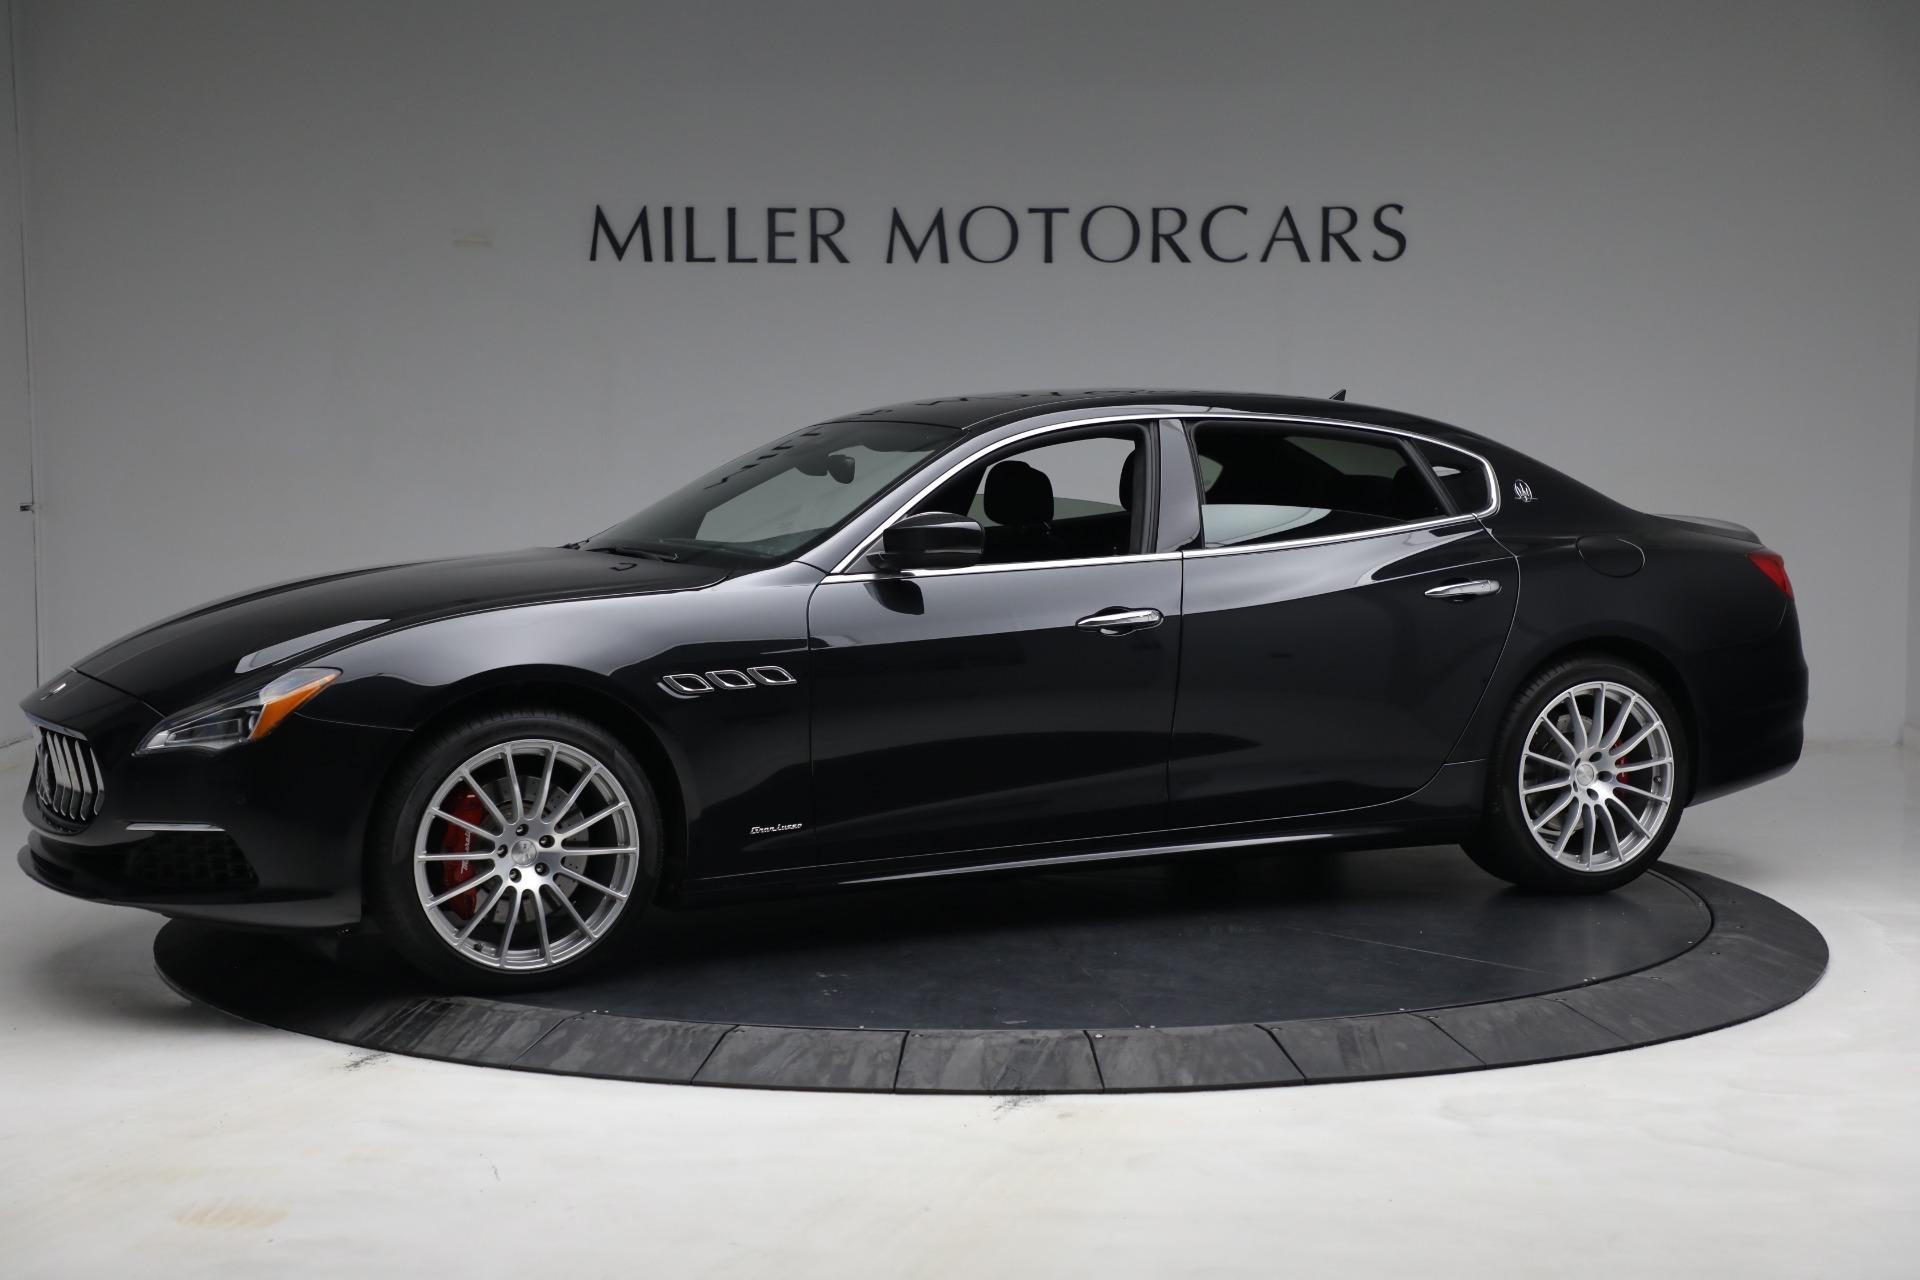 New 2019 Maserati Quattroporte S Q4 GranLusso For Sale In Westport, CT 2619_p2